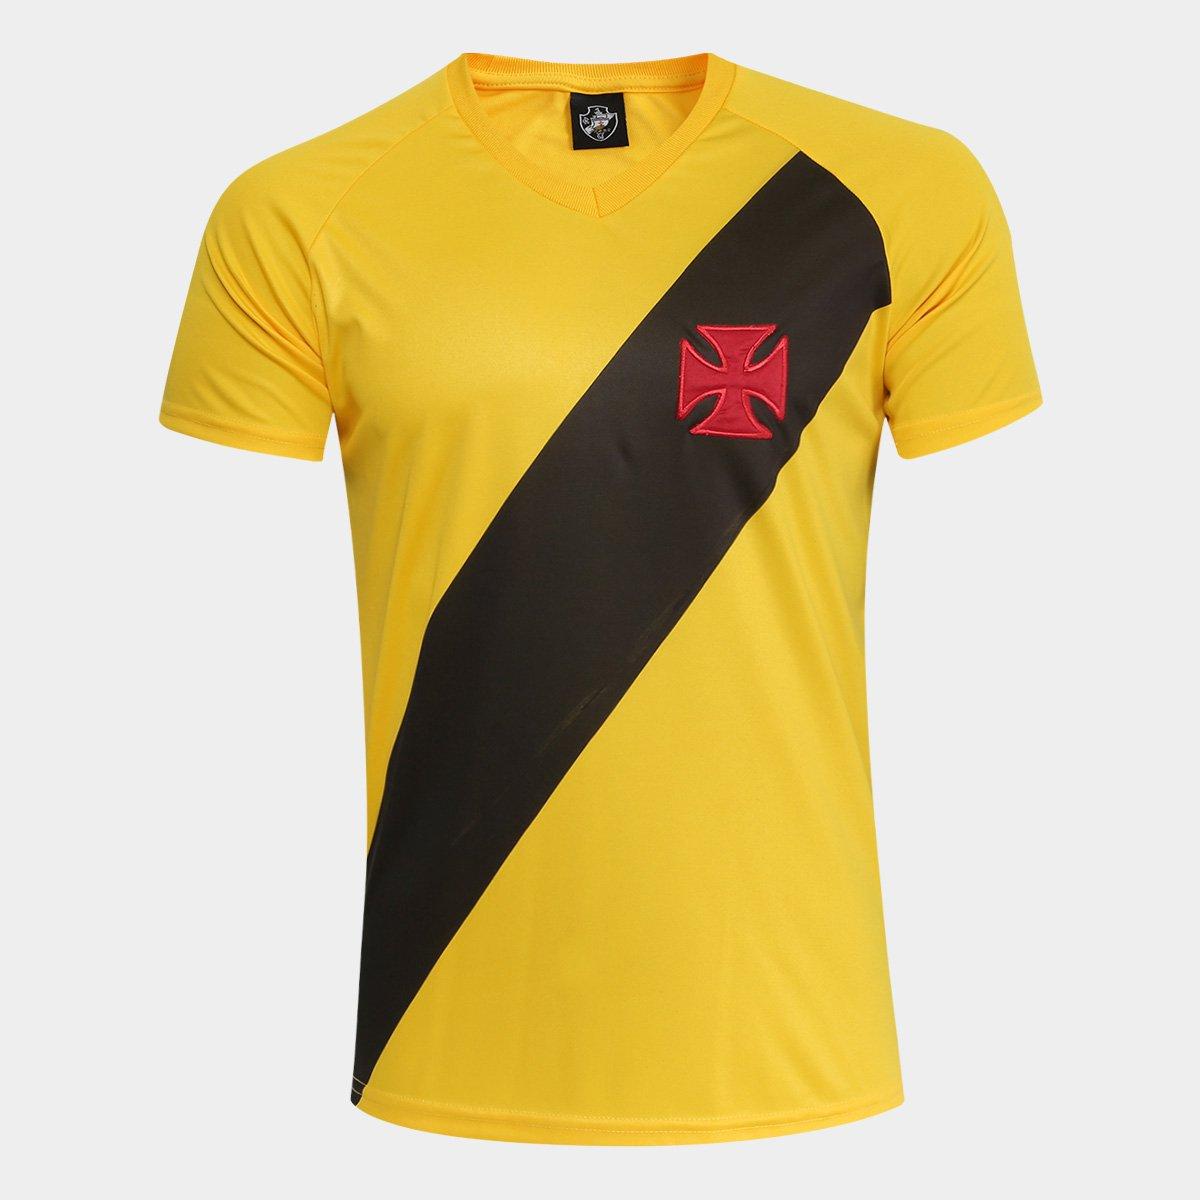 Camisa Vasco 2012 s n° Edição Limitada Masculina - Amarelo - Compre ... e0825fb643d27